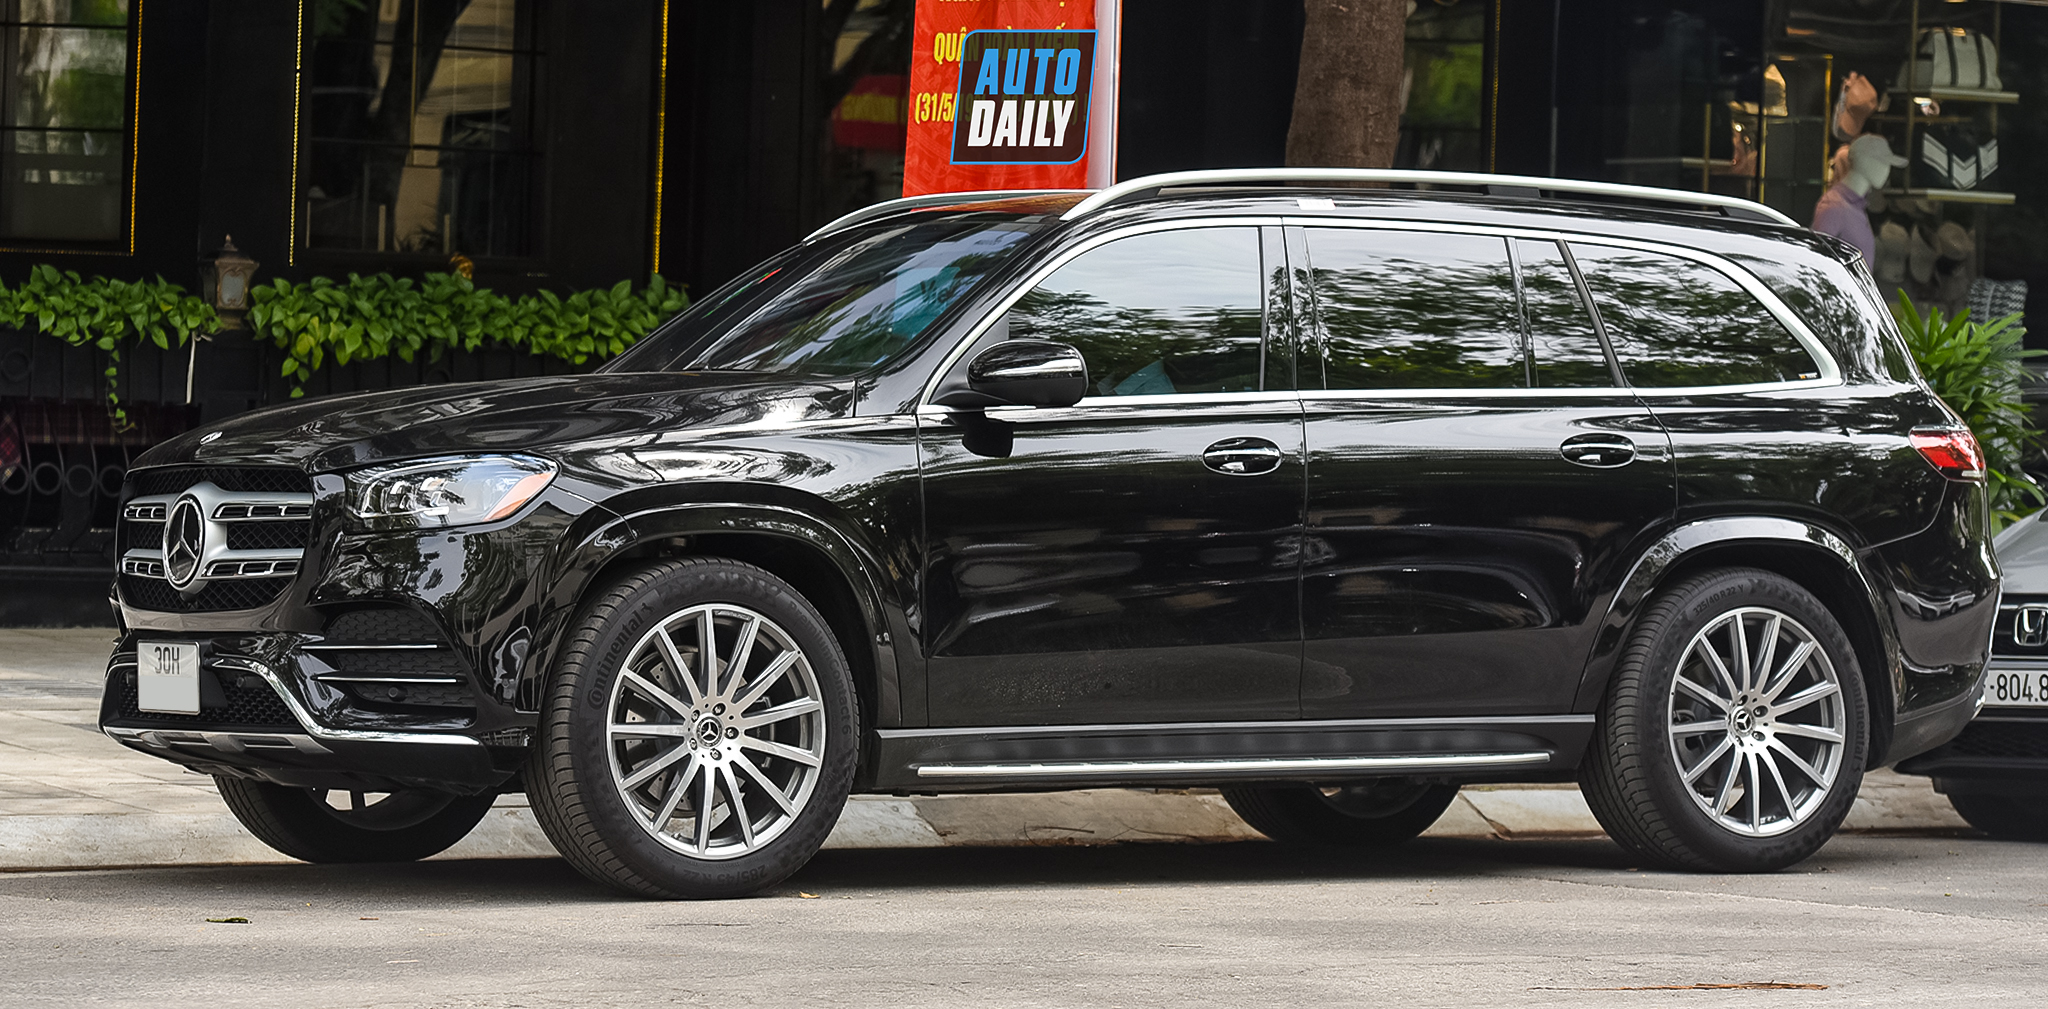 Hàng hiếm Mercedes-Benz GLS 580 4Matic 2021 giá hơn 9 tỷ tại Hà Nội adt-2602-copy.jpg